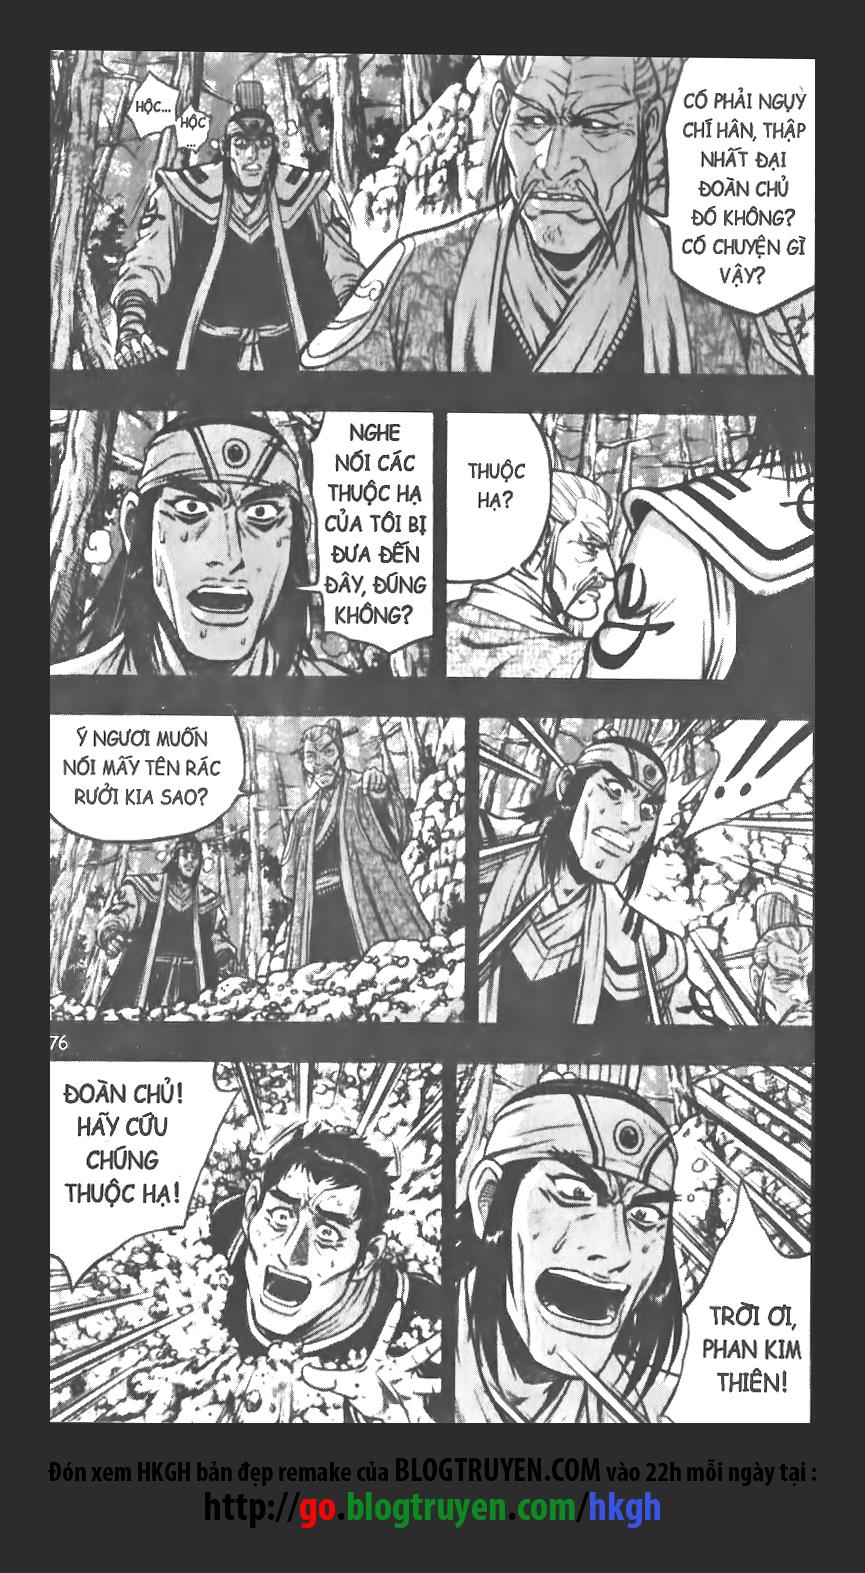 Hiệp Khách Giang Hồ - Hiệp Khách Giang Hồ Chap 343 - Pic 11